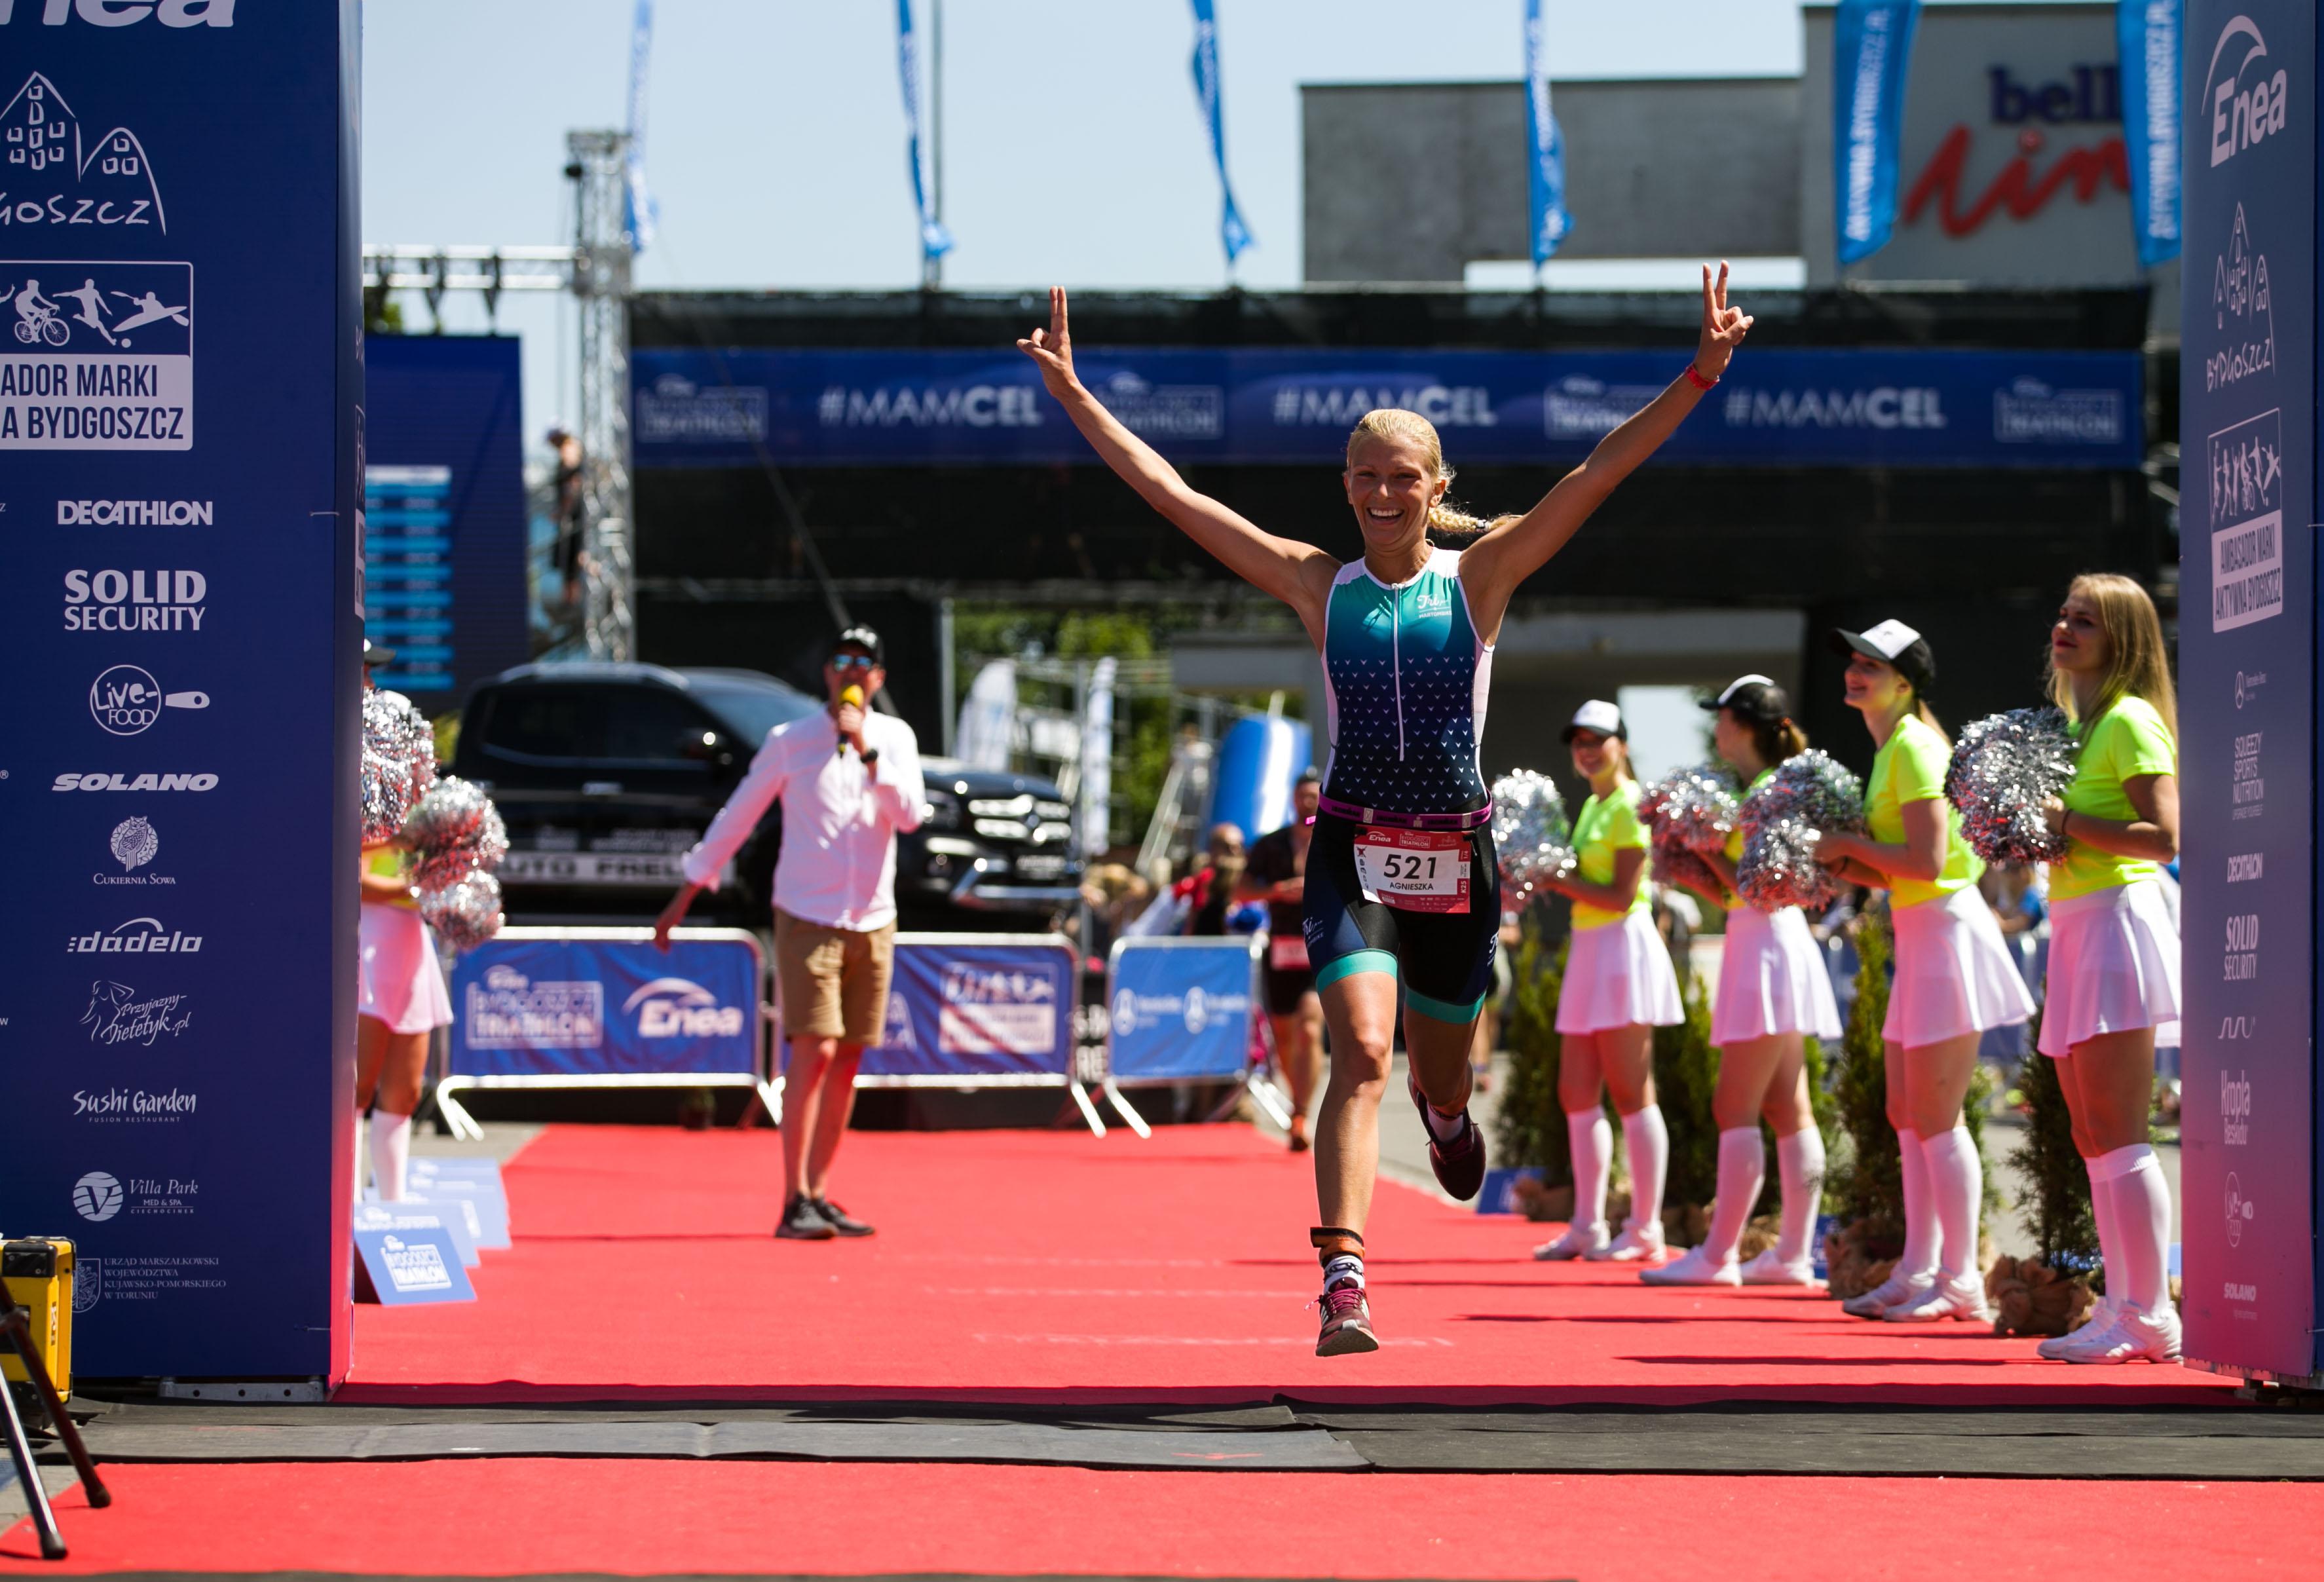 Relacja z Enea Bydgoszcz Triathlon 2018